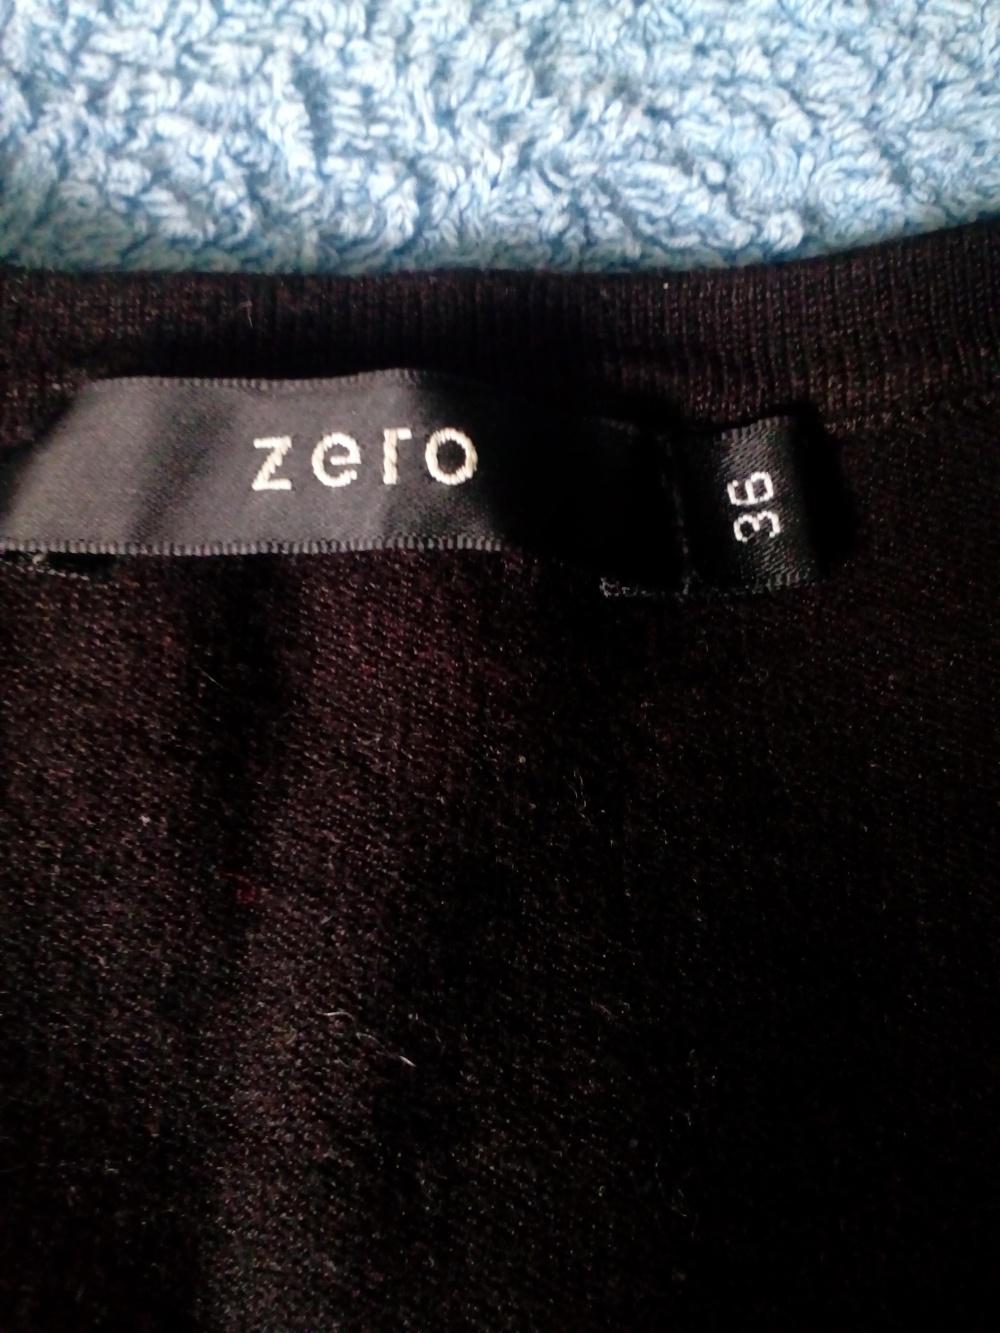 Кофточка. Zero. Р-р 36.